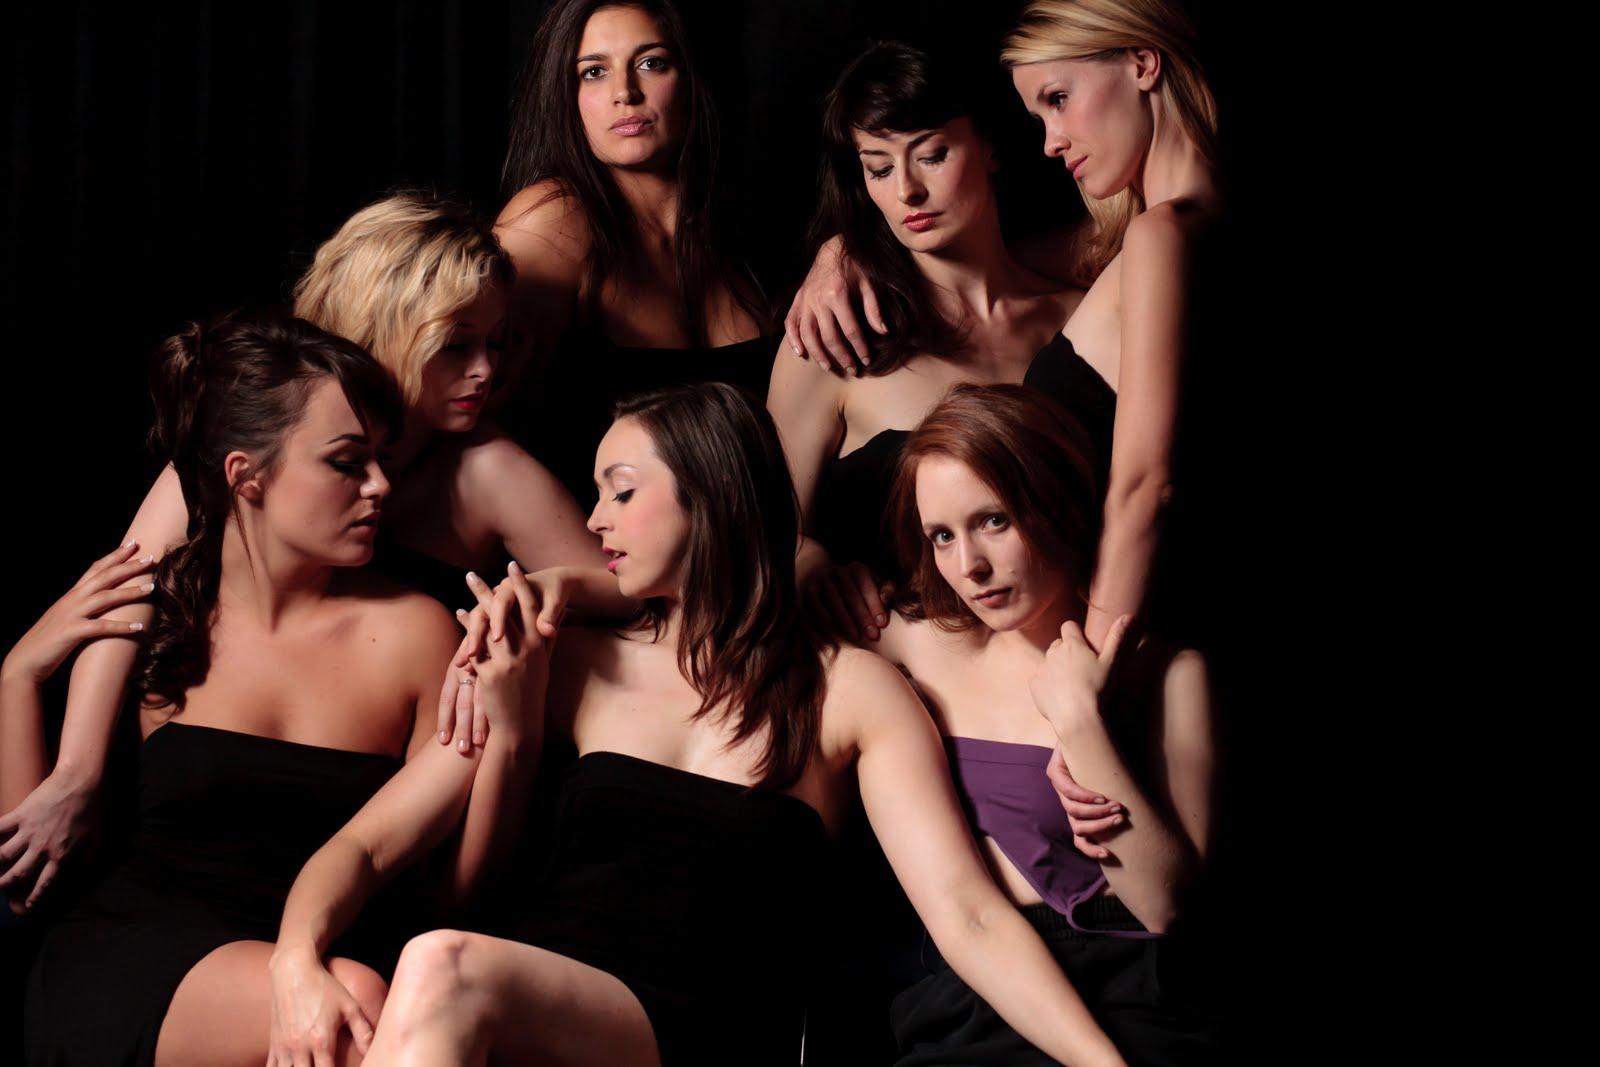 фотографии групповухи лесбиянок - 6